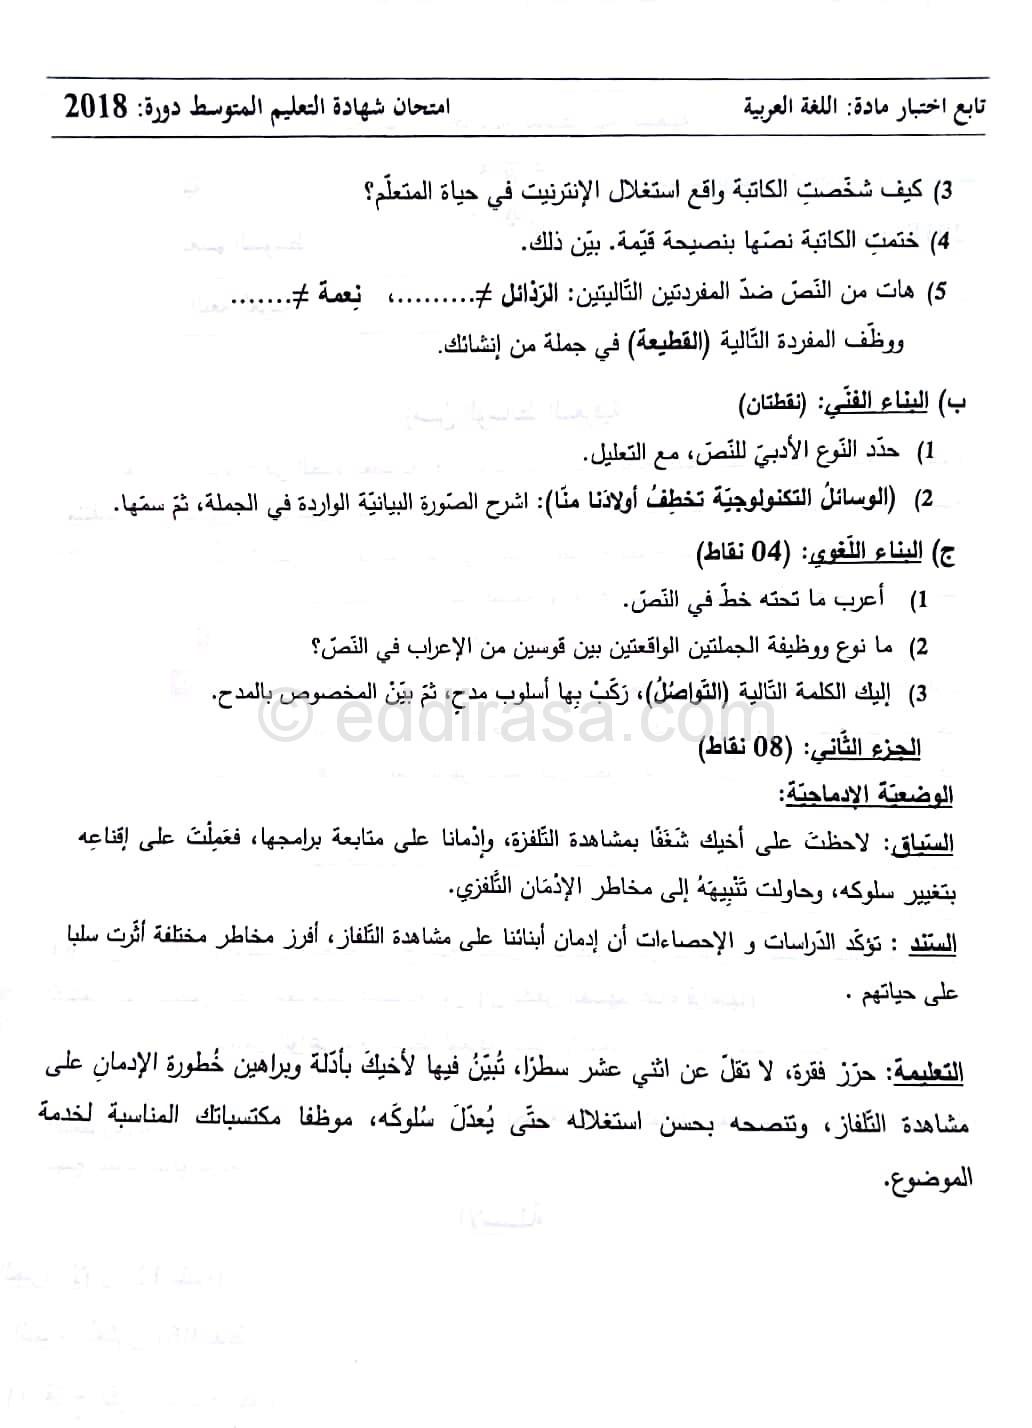 bem-2018-arabic_2